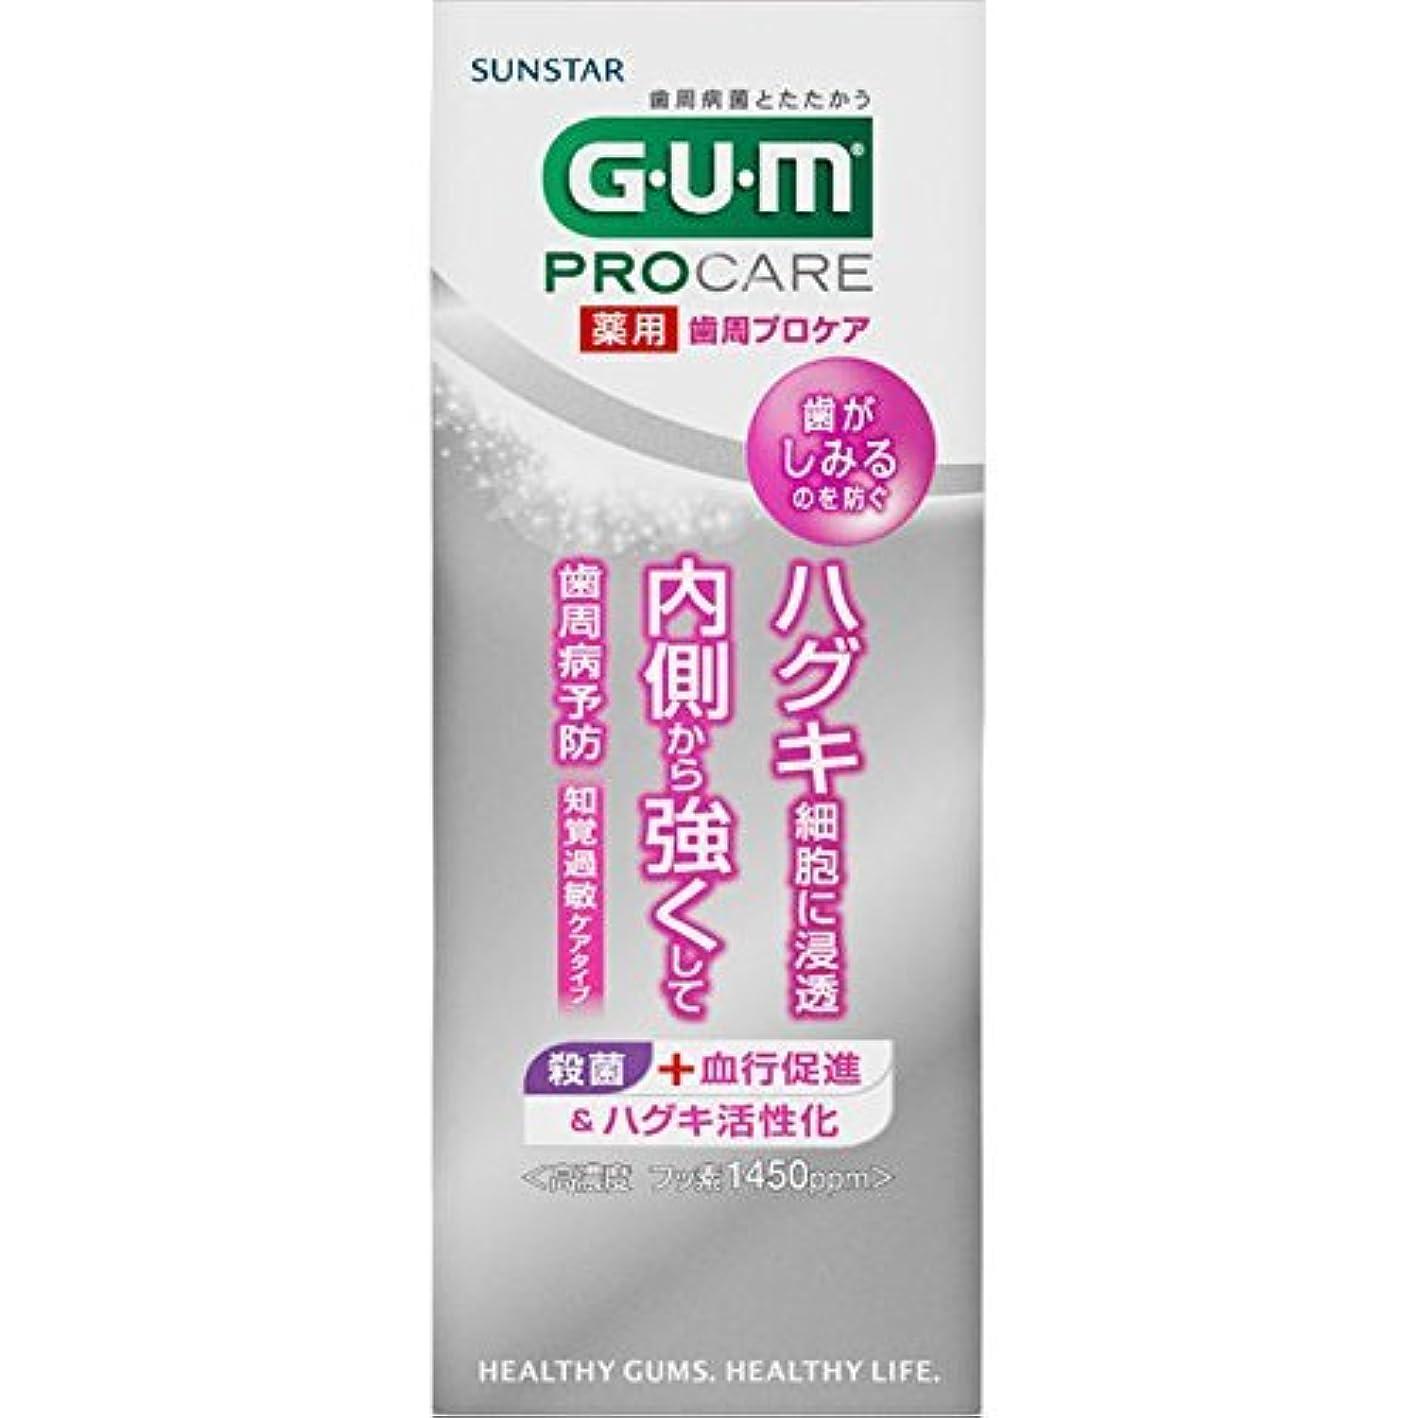 の頭の上エジプト何もない[医薬部外品] GUM(ガム) 歯周プロケア 歯みがき 知覚過敏ケアタイプ ミニサイズ トライアル 48g <歯周病予防 ハグキケア 高濃度フッ素配合1450ppm>